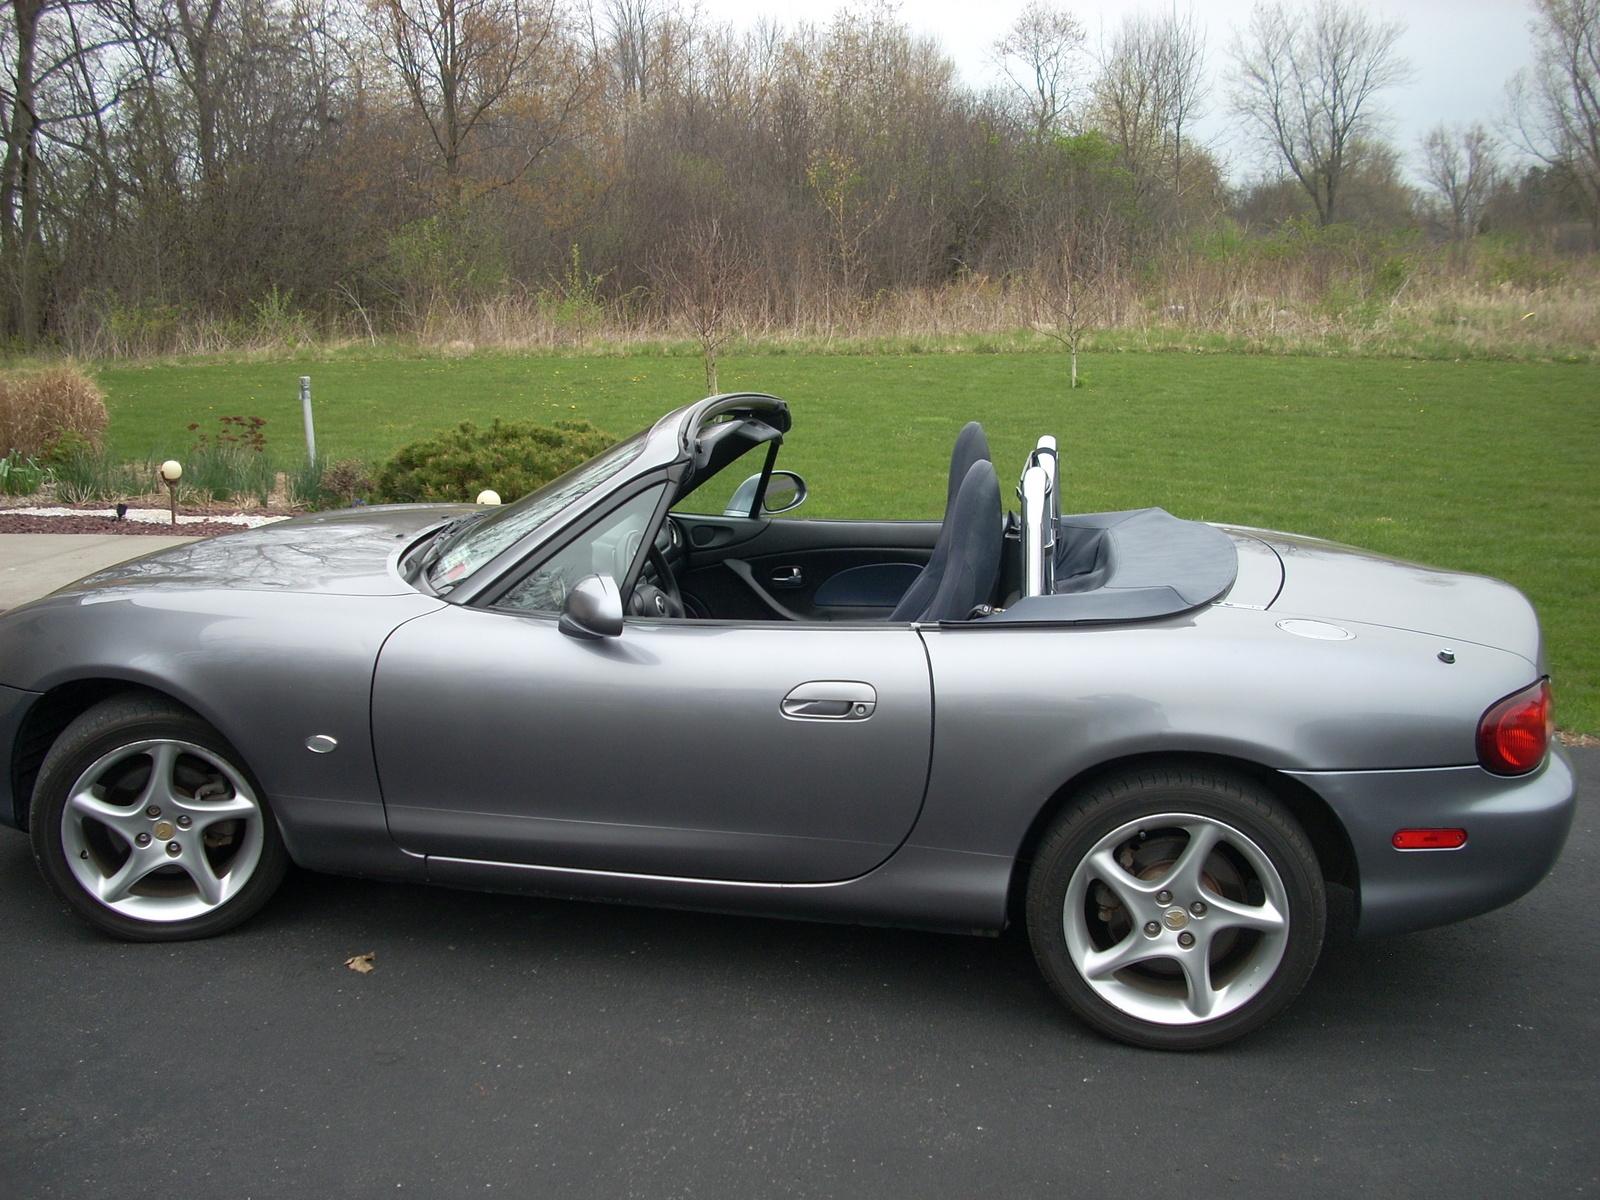 2003 Mazda Mx 5 Miata Pictures Cargurus